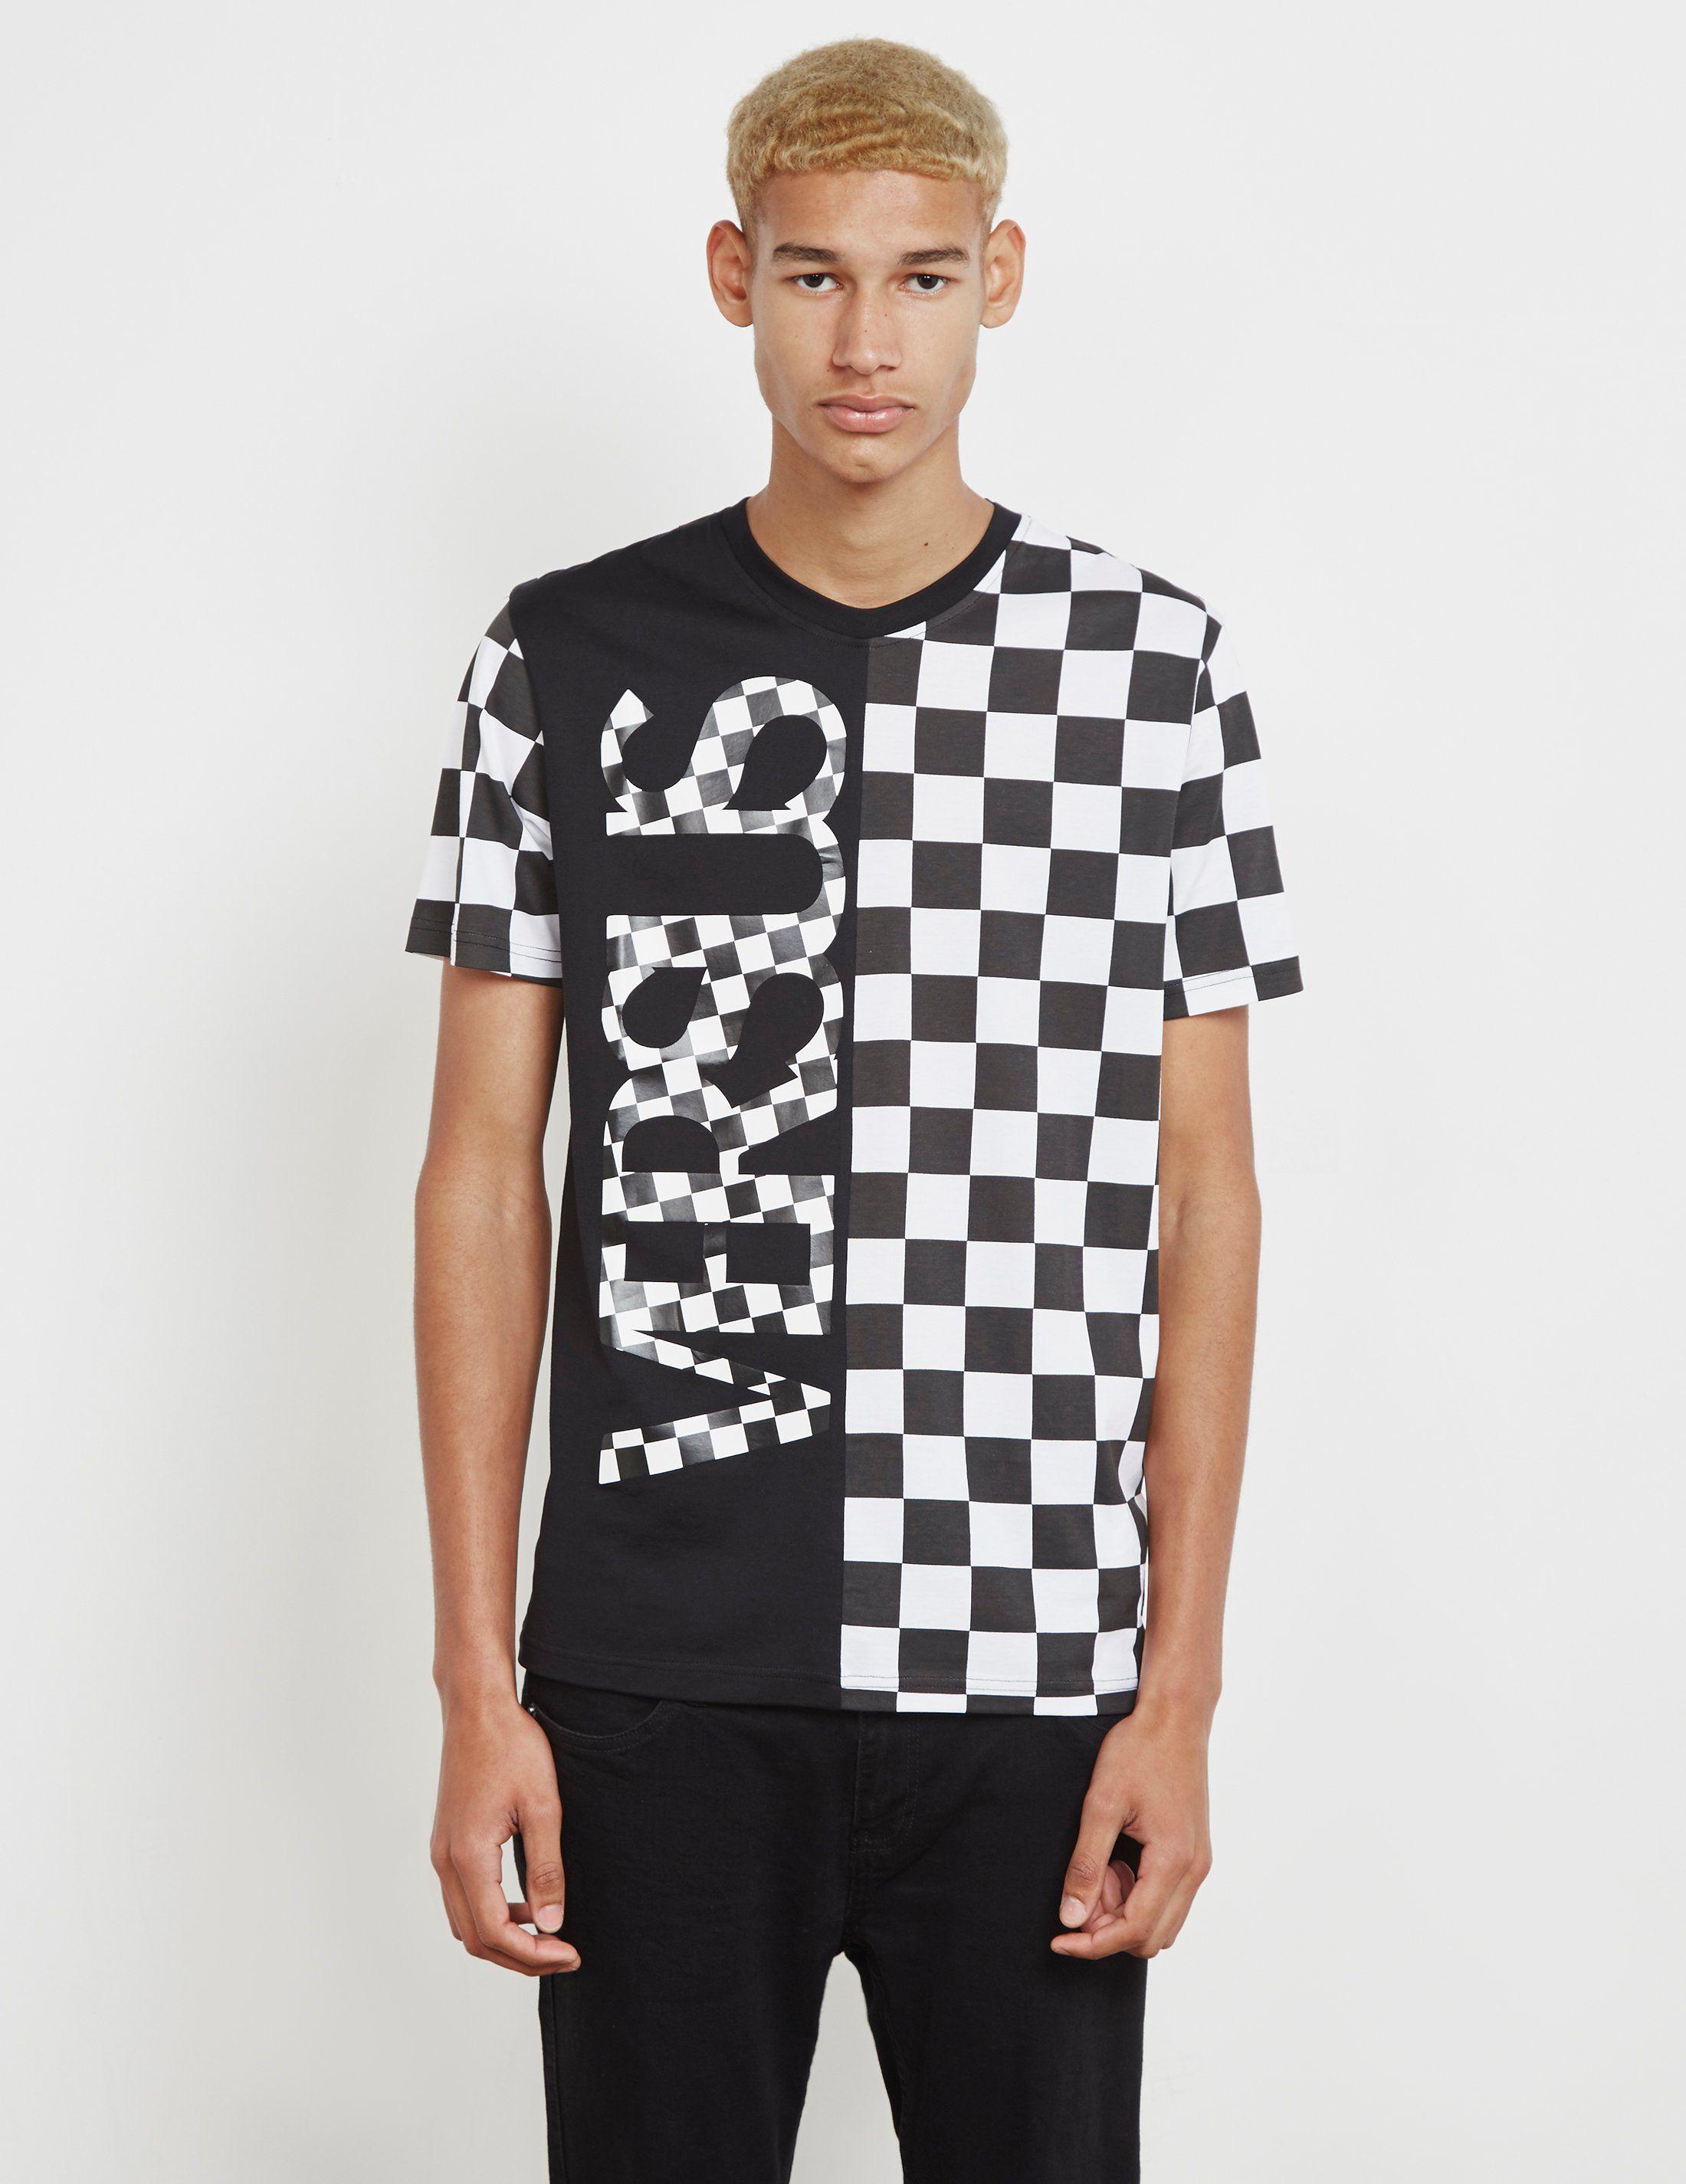 Versus Versace Half Check Short Sleeve T-Shirt - Online Exclusive